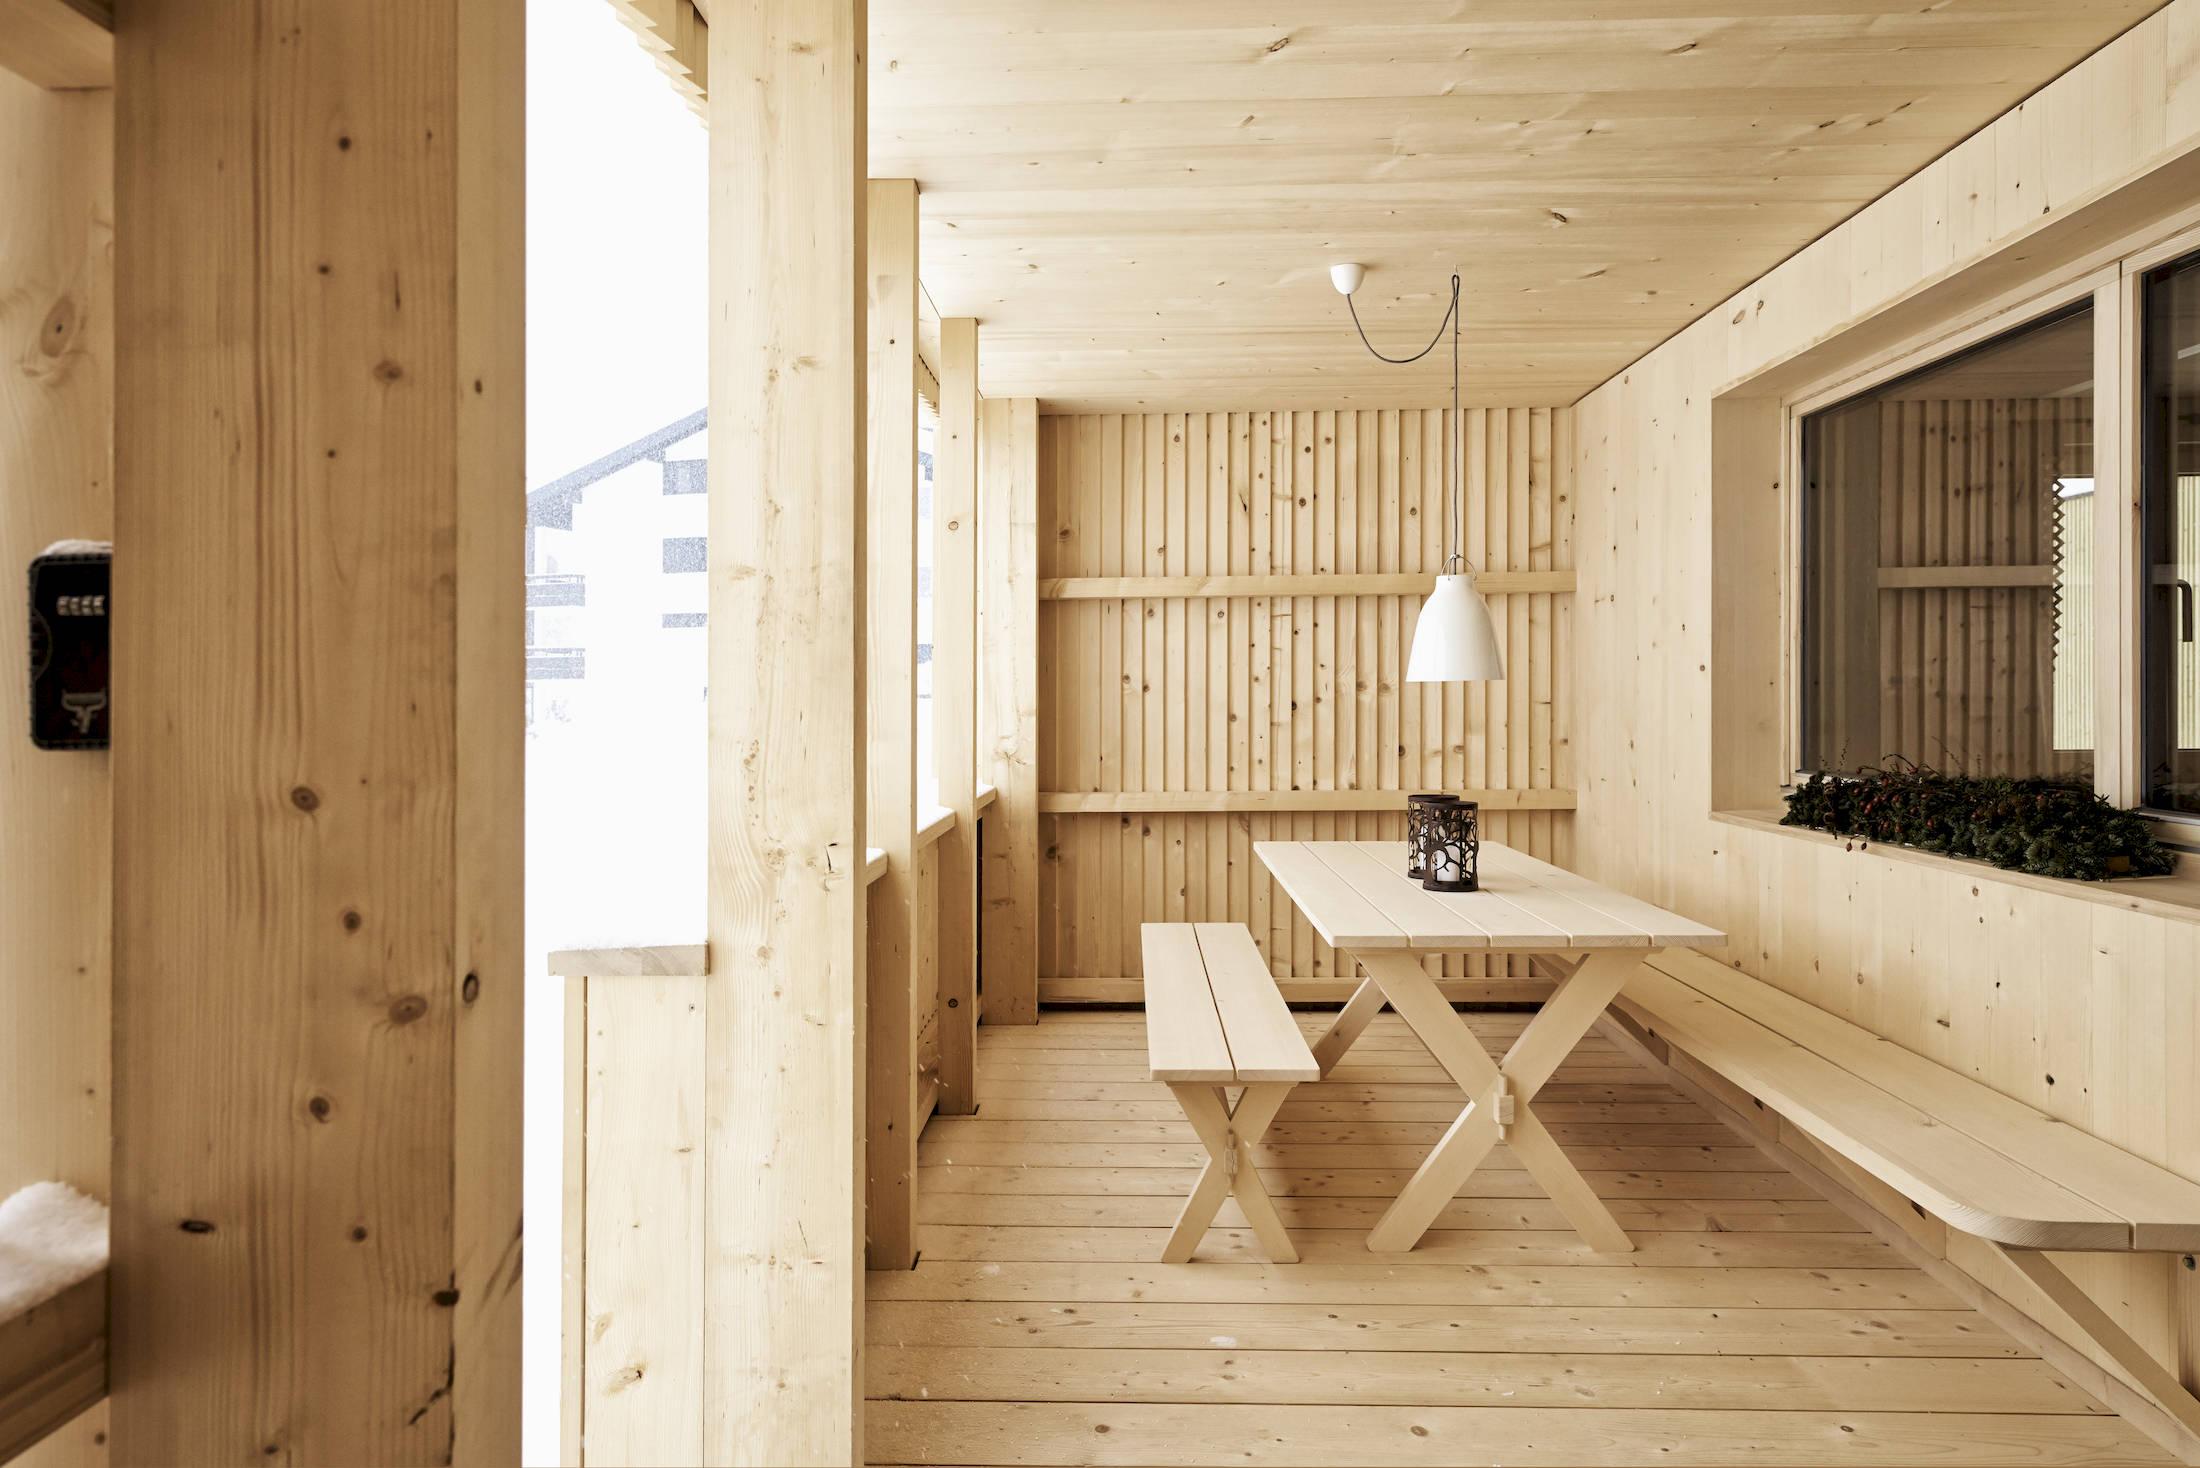 tinn ferienhaus mellau kaufmann zimmerei tischlerei holzmodulbau. Black Bedroom Furniture Sets. Home Design Ideas